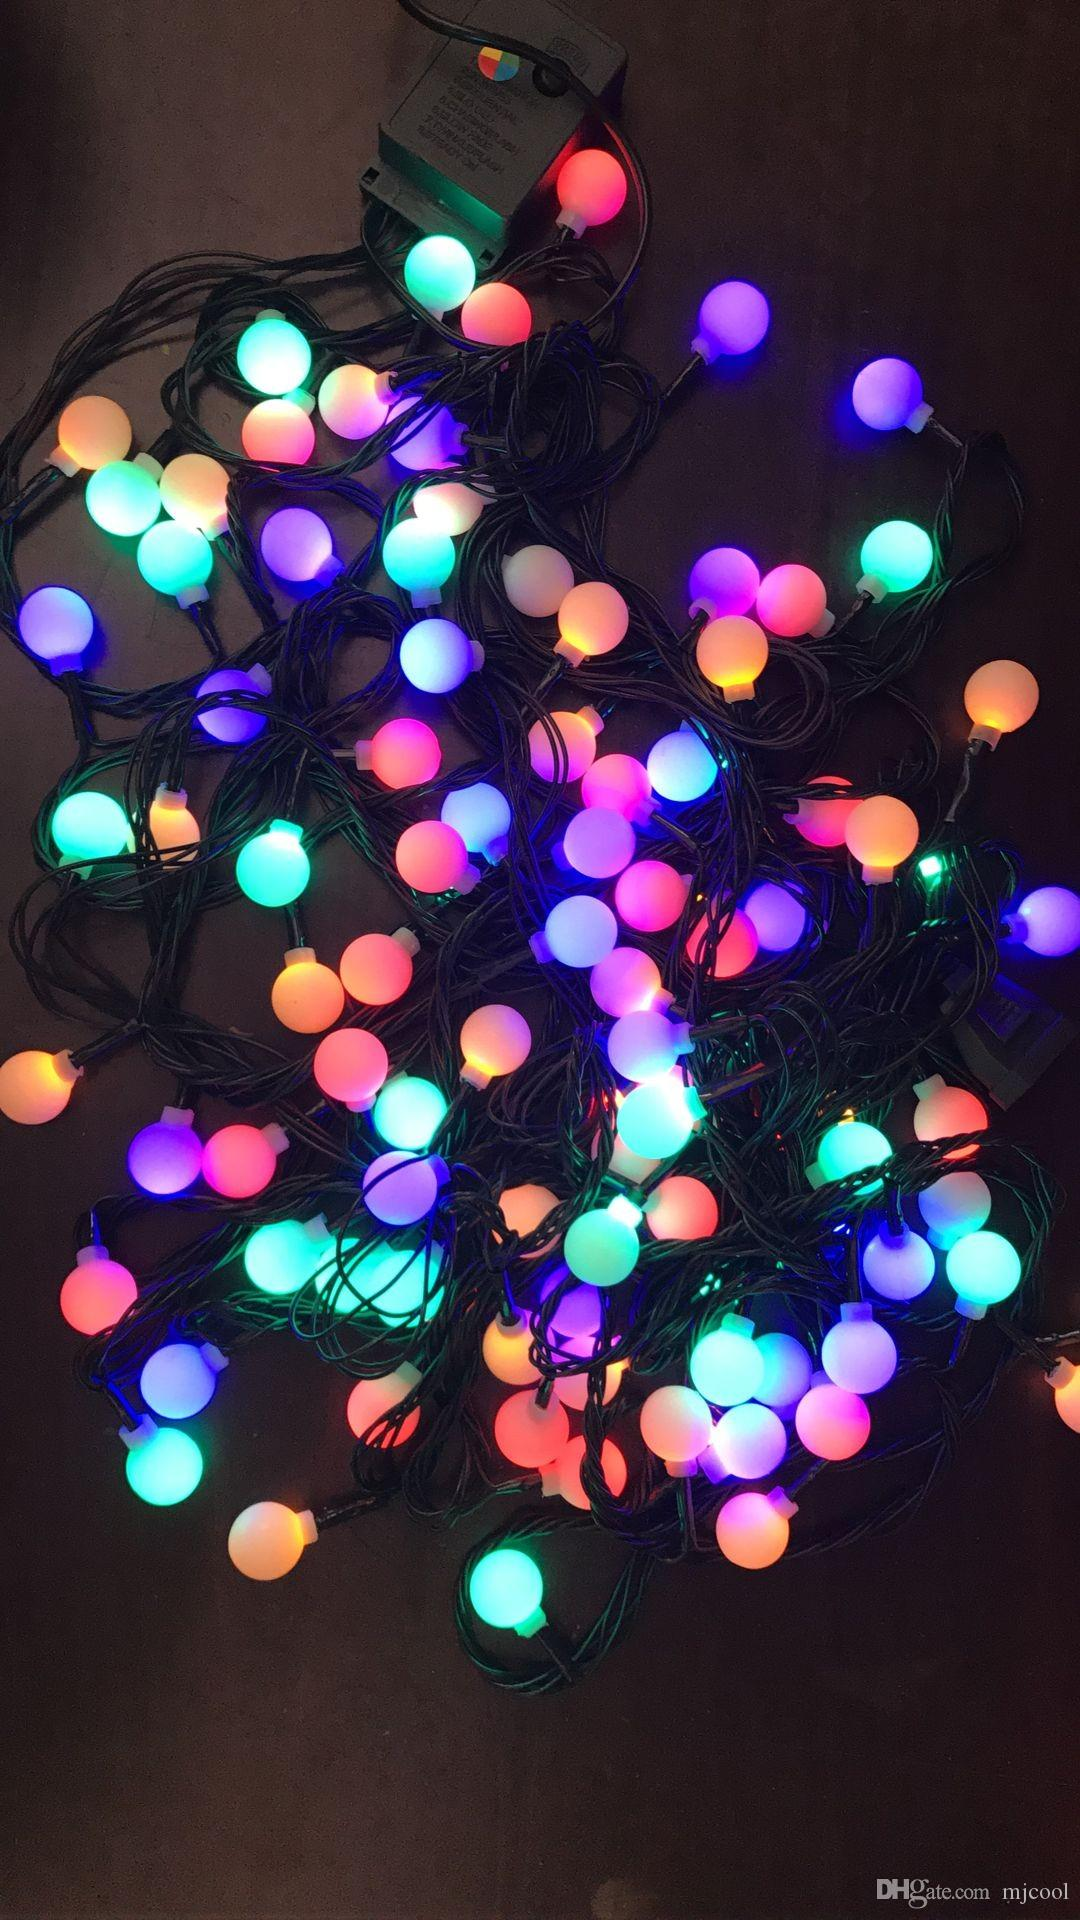 Éclairage cordes 10M100 Leds boule de cerisier guirlandes guirlandes LED basse tension ligne vert foncé chaîne de patio étoilé pour la décoration extérieure